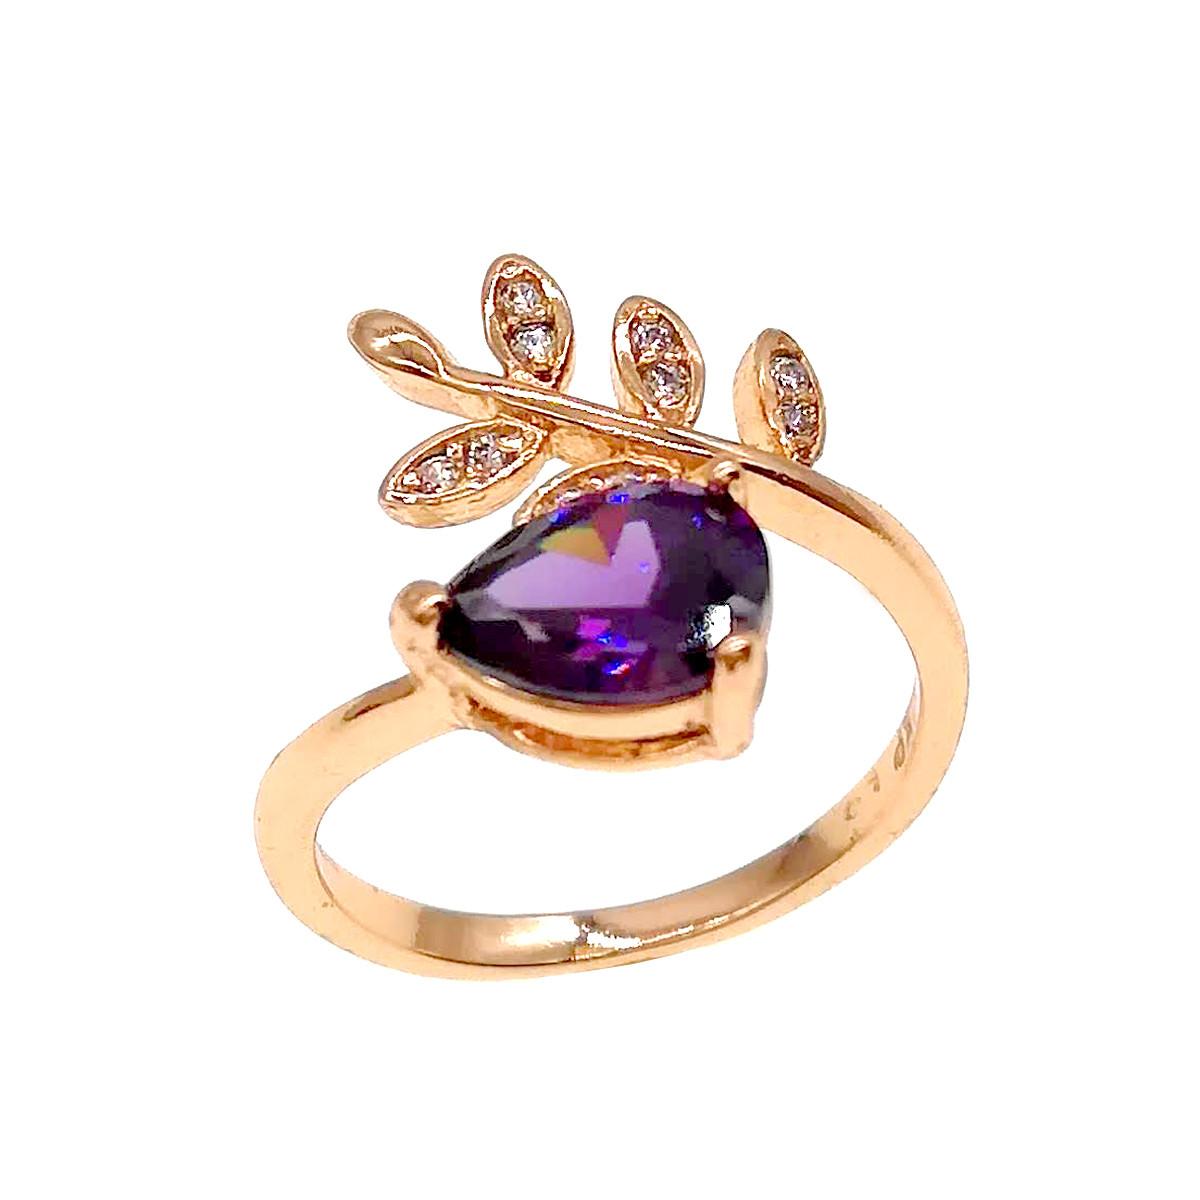 Кольцо Xuping из медицинского золота, фиолетовые и белые фианиты, позолота 18К, 11824       (15)